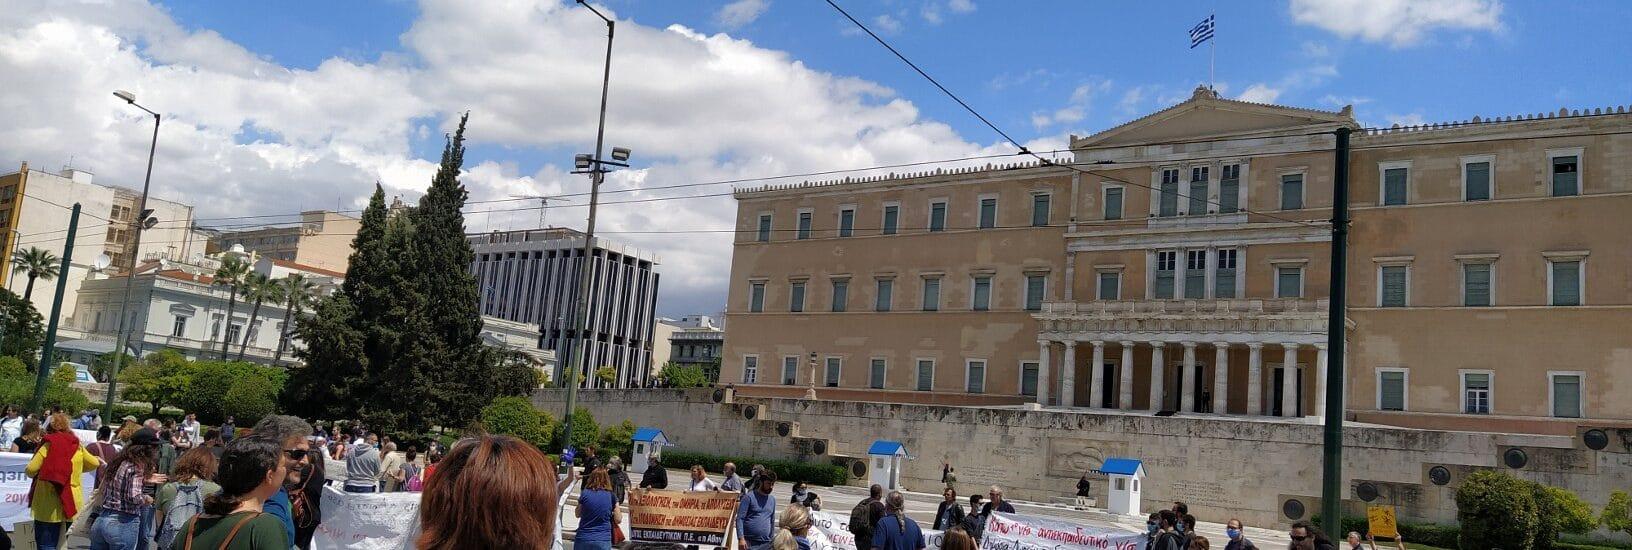 Πορεία στο Σύνταγμα ενάντια στο νομοσχέδιο Κεραμέως